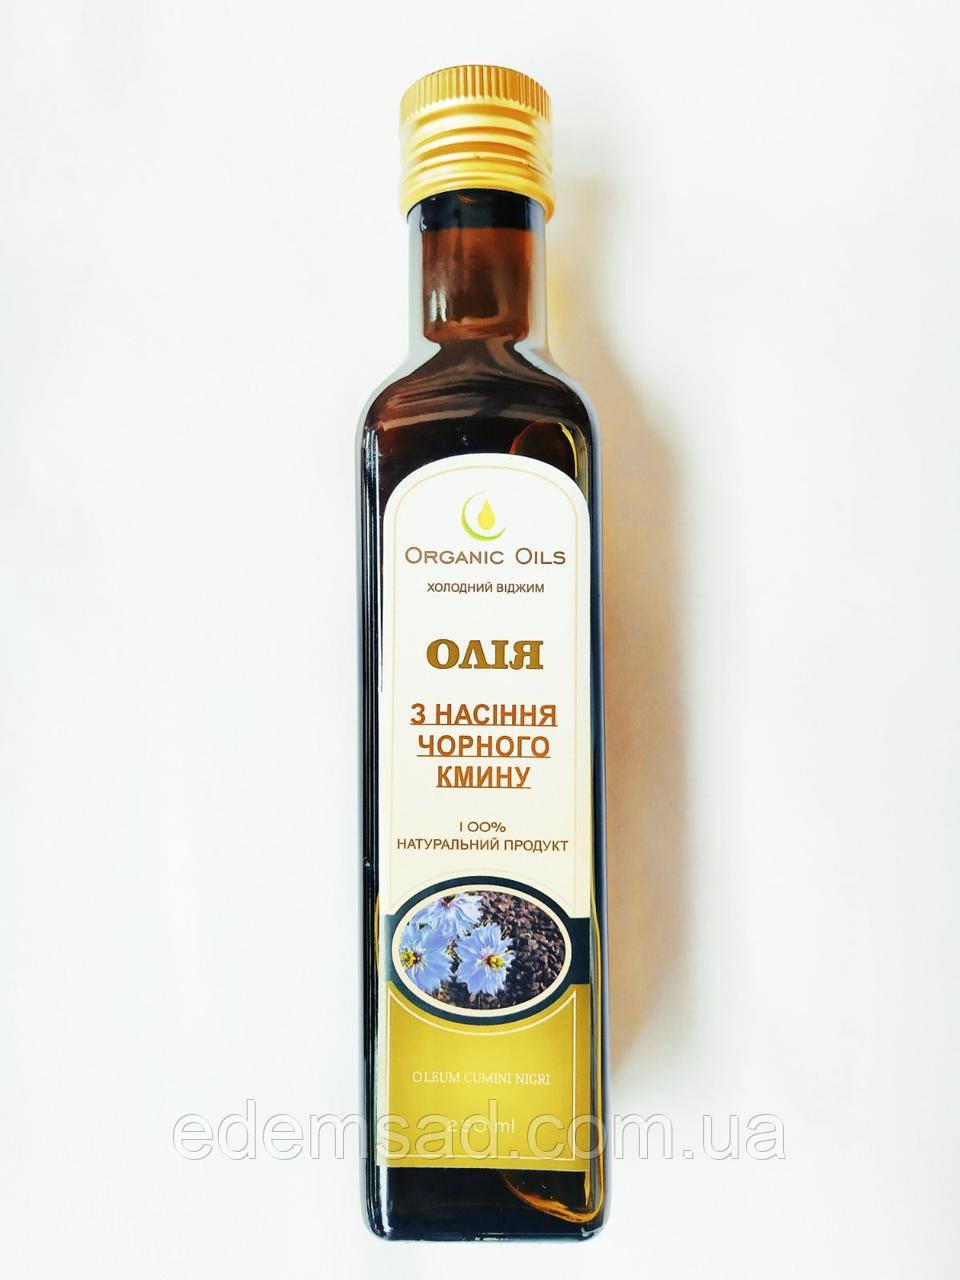 Олія з насіння чорного кмину Organic Oils, 250 мл